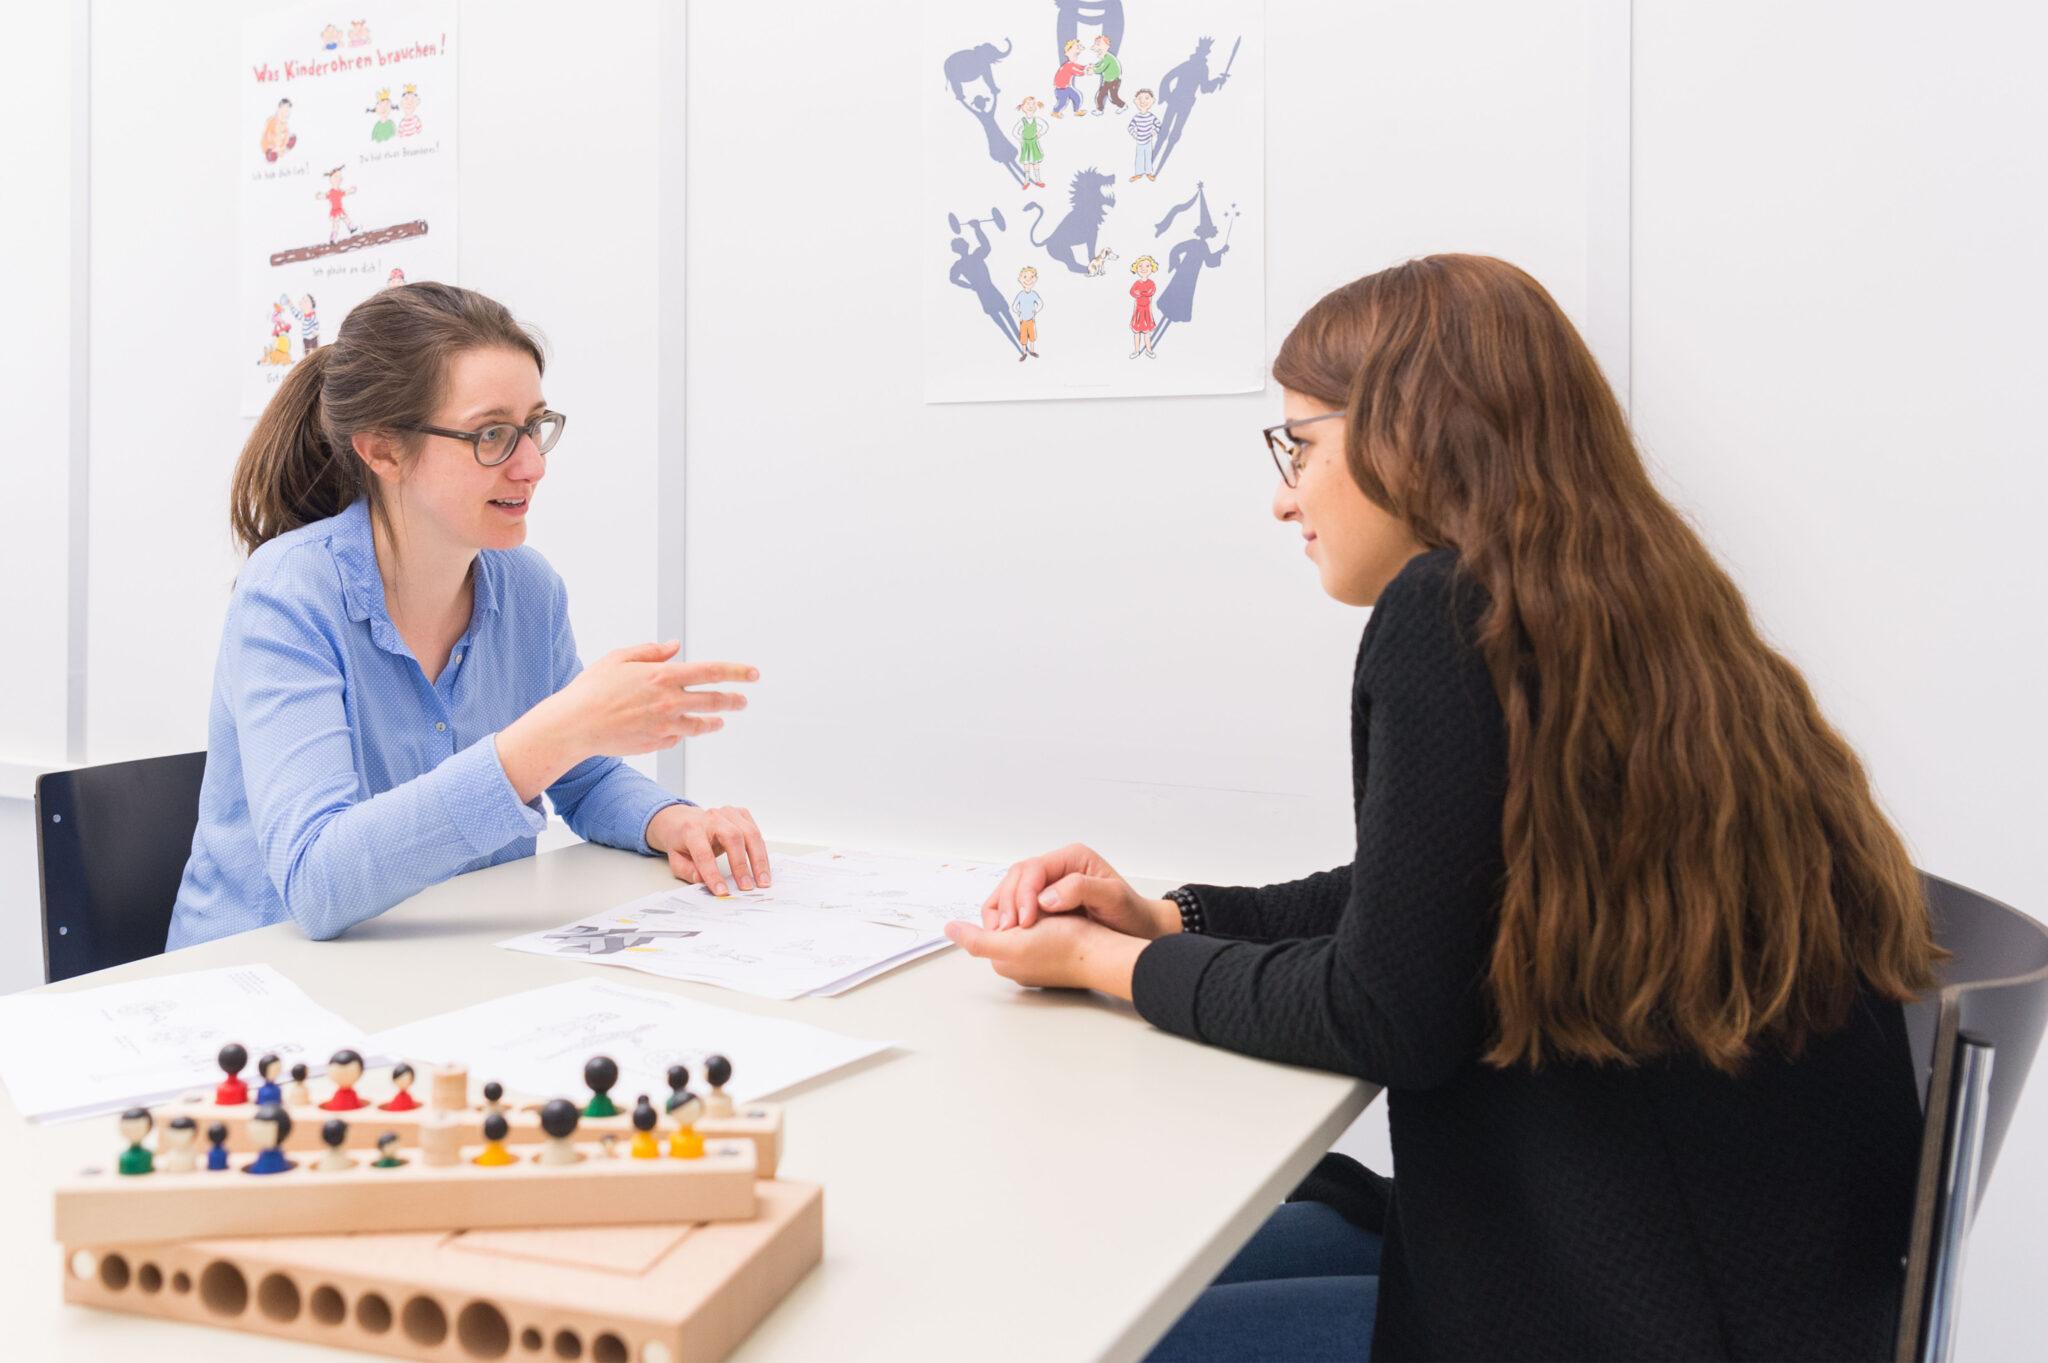 Psychologin Nina Zeltner (links) bei der Arbeit: Auch bei jugendlichen Patienten helfen die Illustrationen, eine gemeinsame Basis für das Therapiegespräch zu finden.